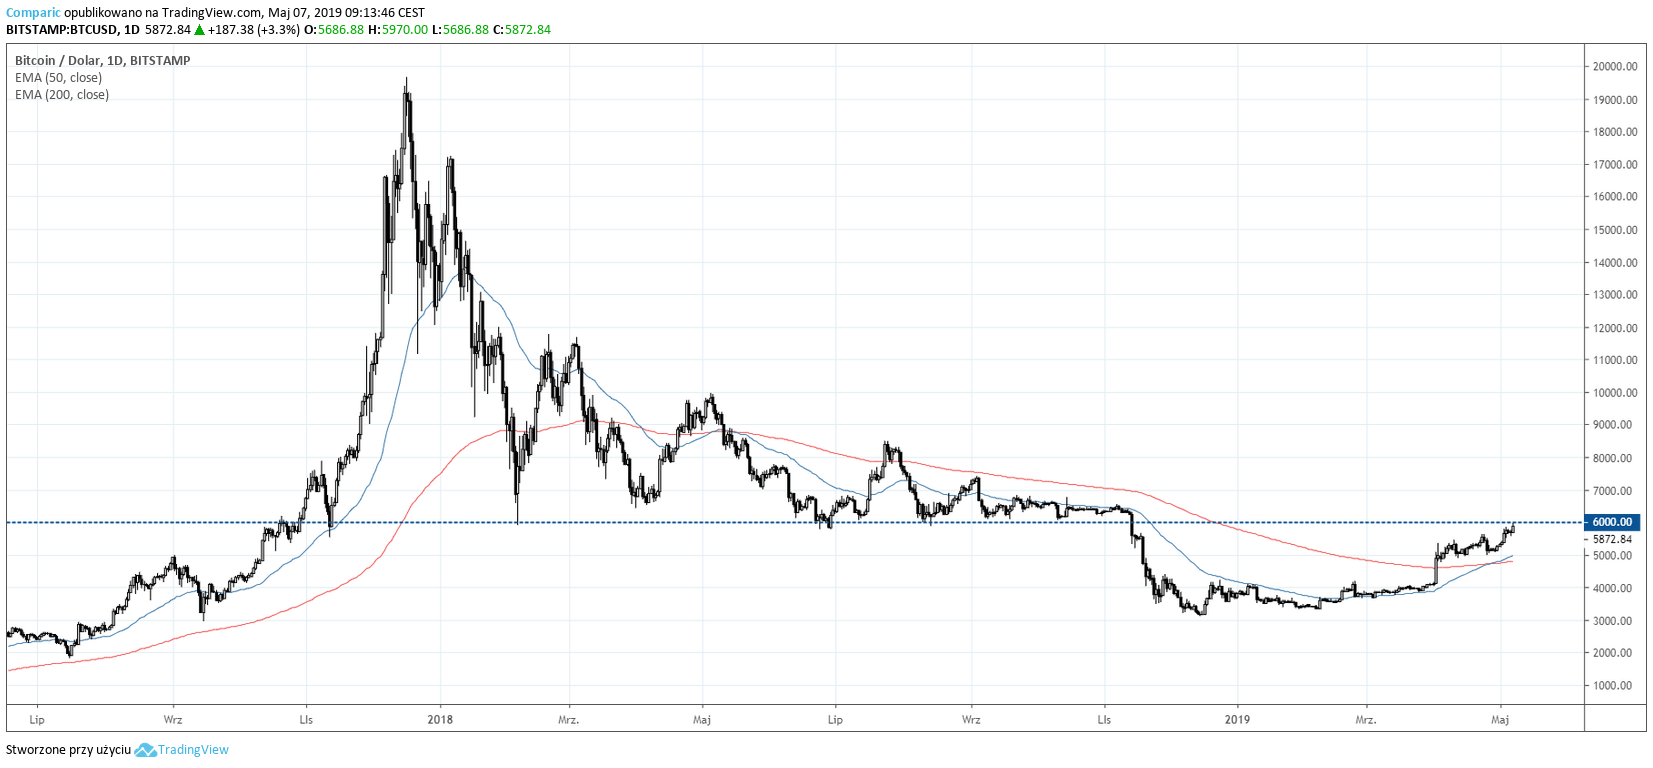 Bitcoin (BTC) Do Nasdacoin (NSD) wykres cen na żywo